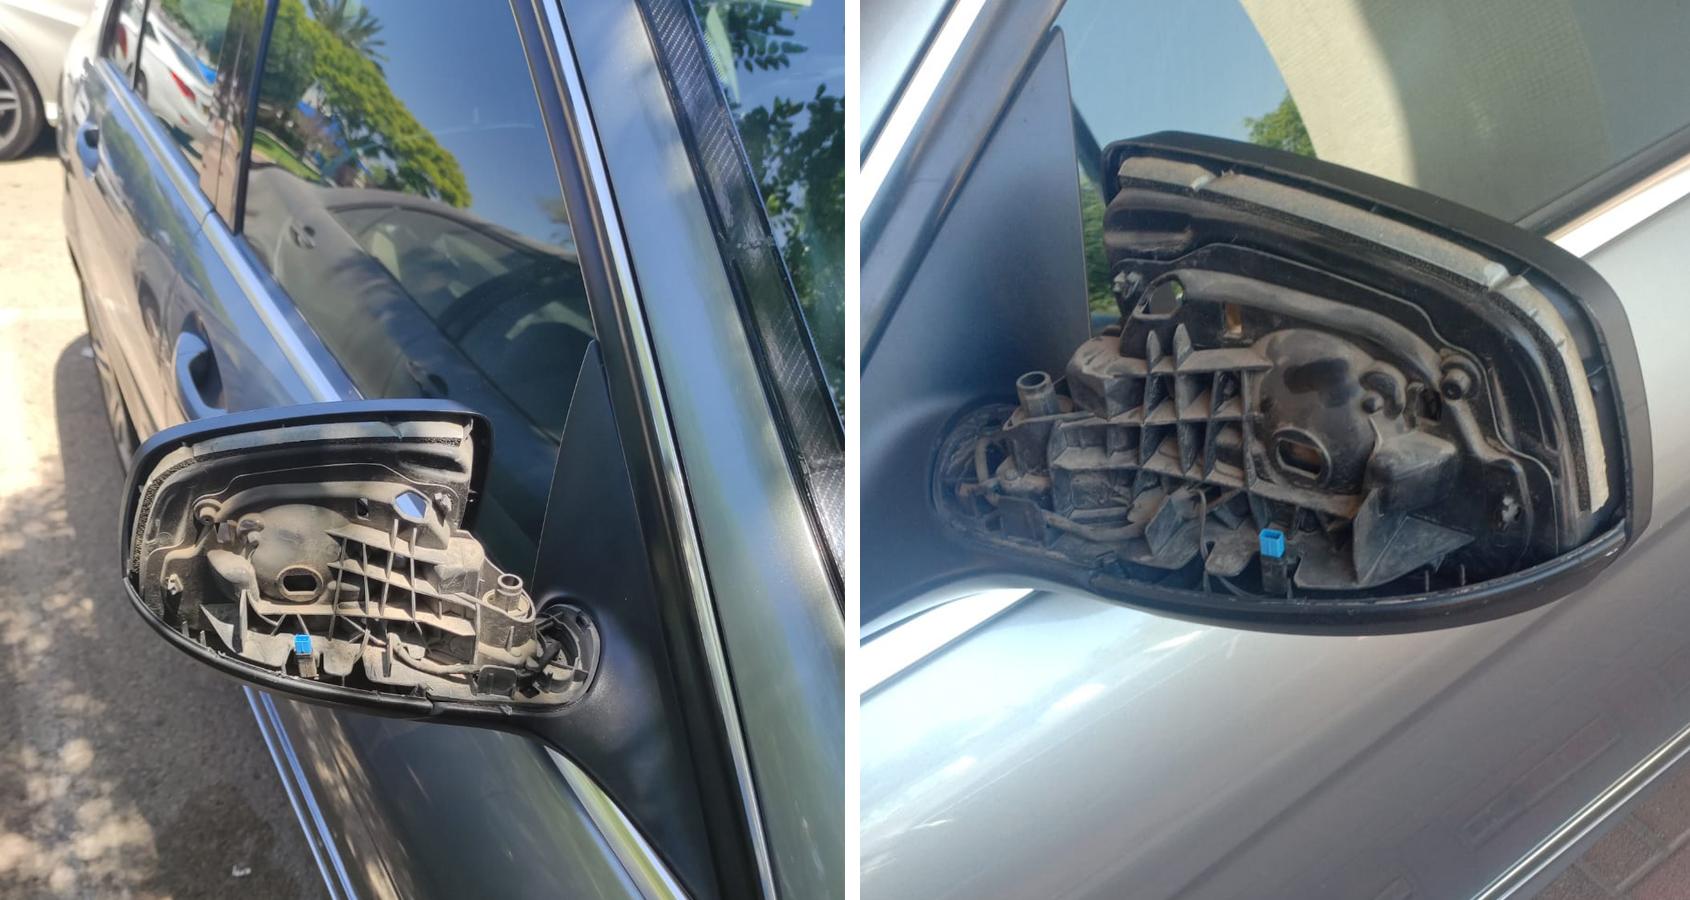 מראות שבורות ברכבים ברמת השרון